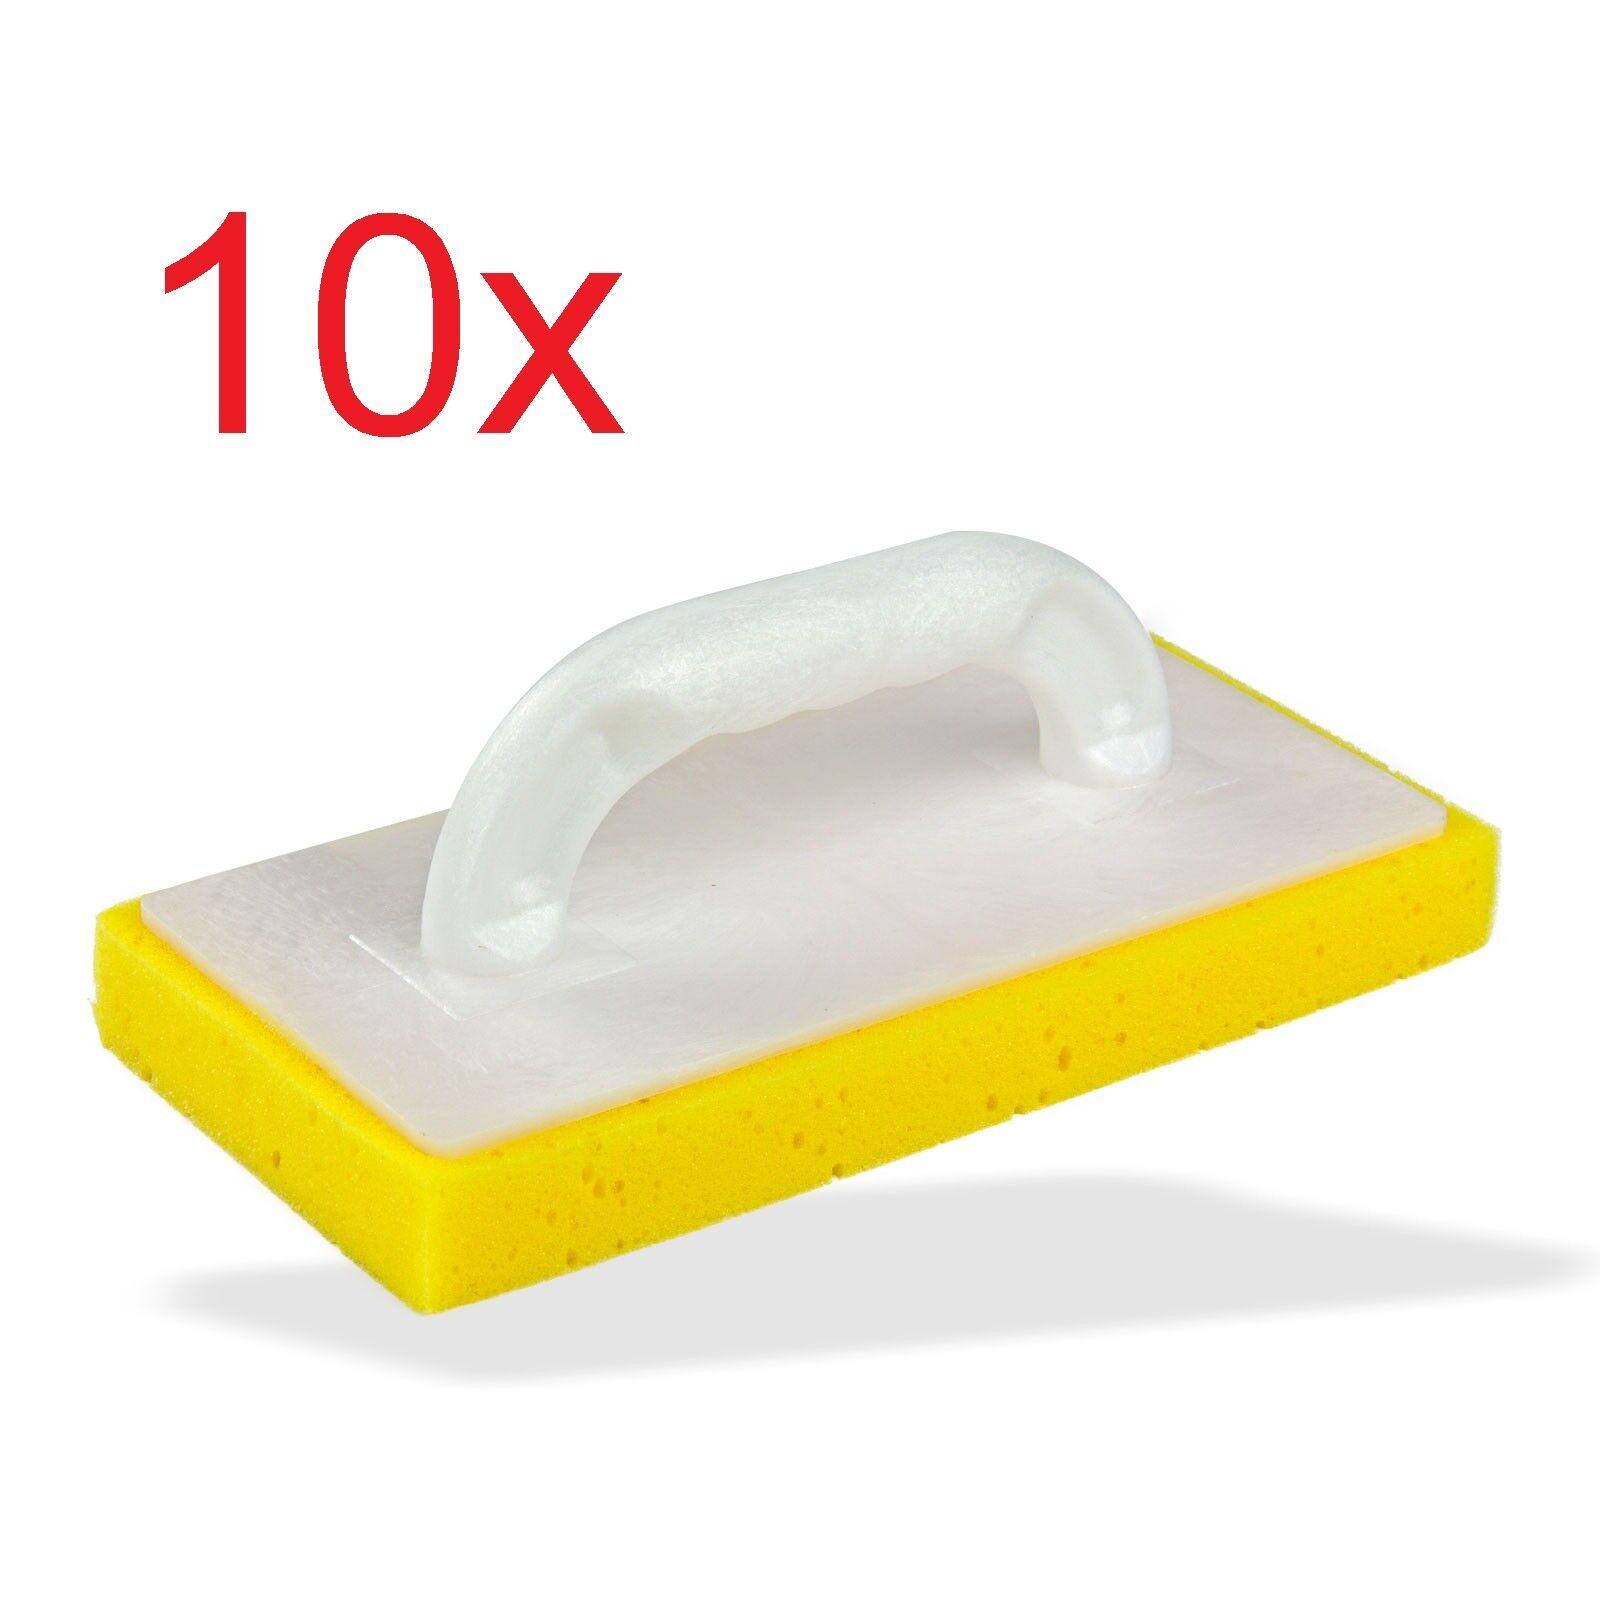 10x Fliesenwaschbrett Reibebrett Schwammbrett Putzbrett Brett Schwamm 912386 | Schnelle Lieferung  | Erschwinglich  | Um Zuerst Unter ähnlichen Produkten Rang